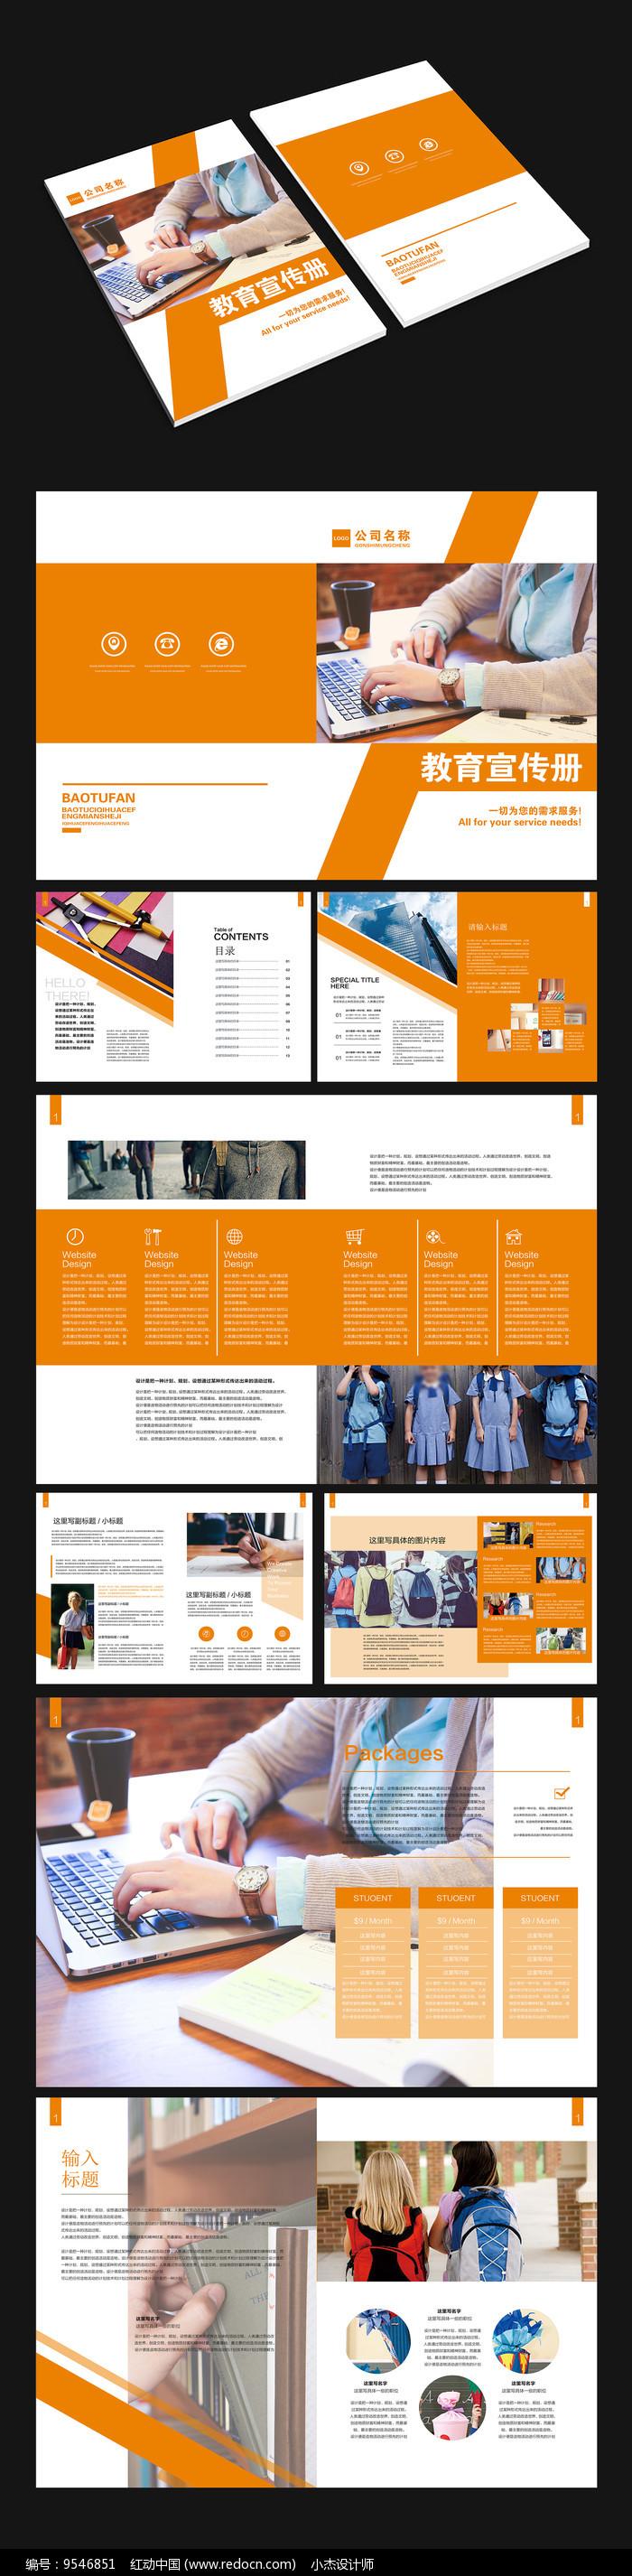 教育宣传册封面设计图片